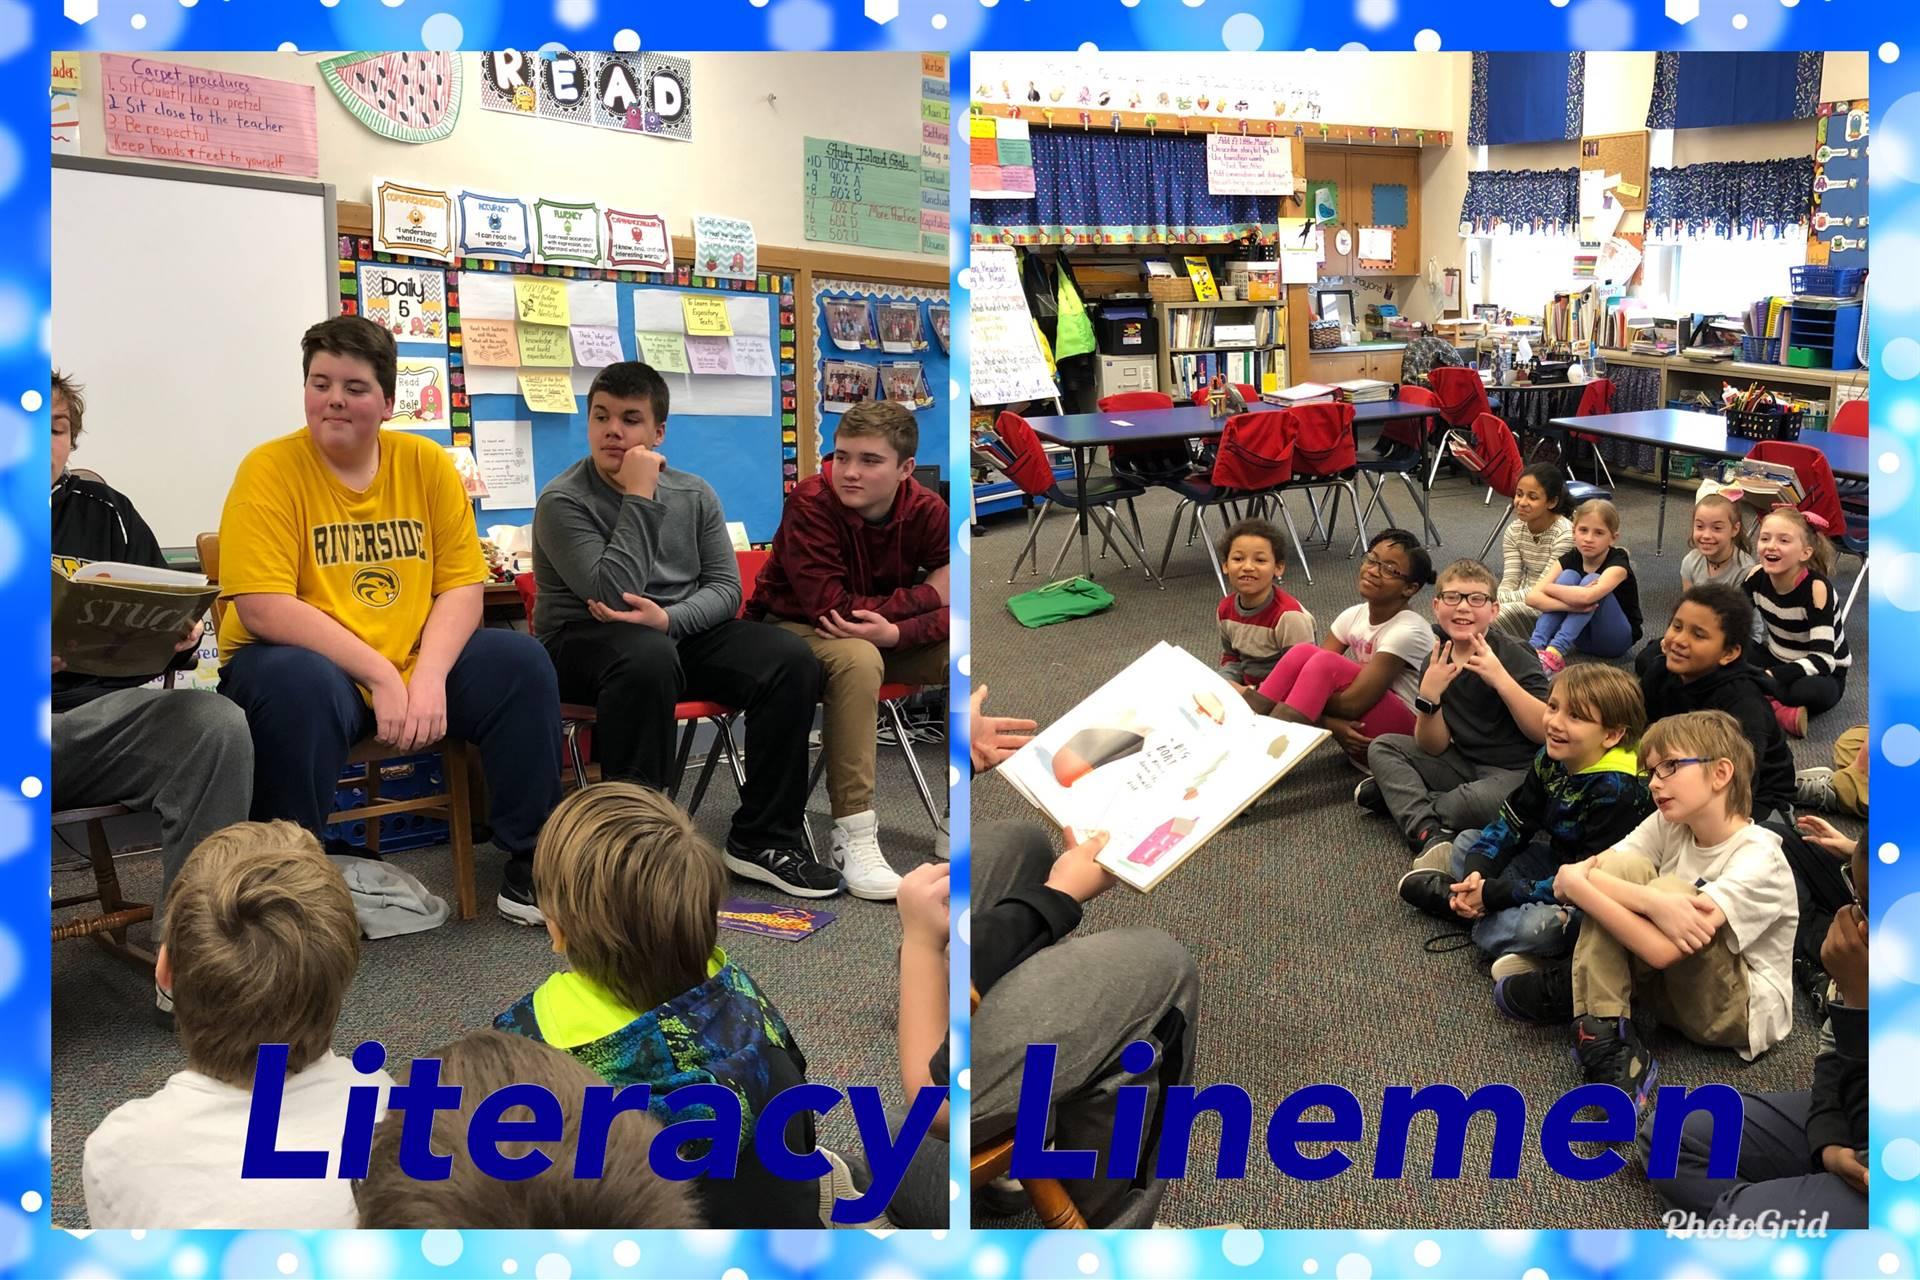 Literacy linemen 3